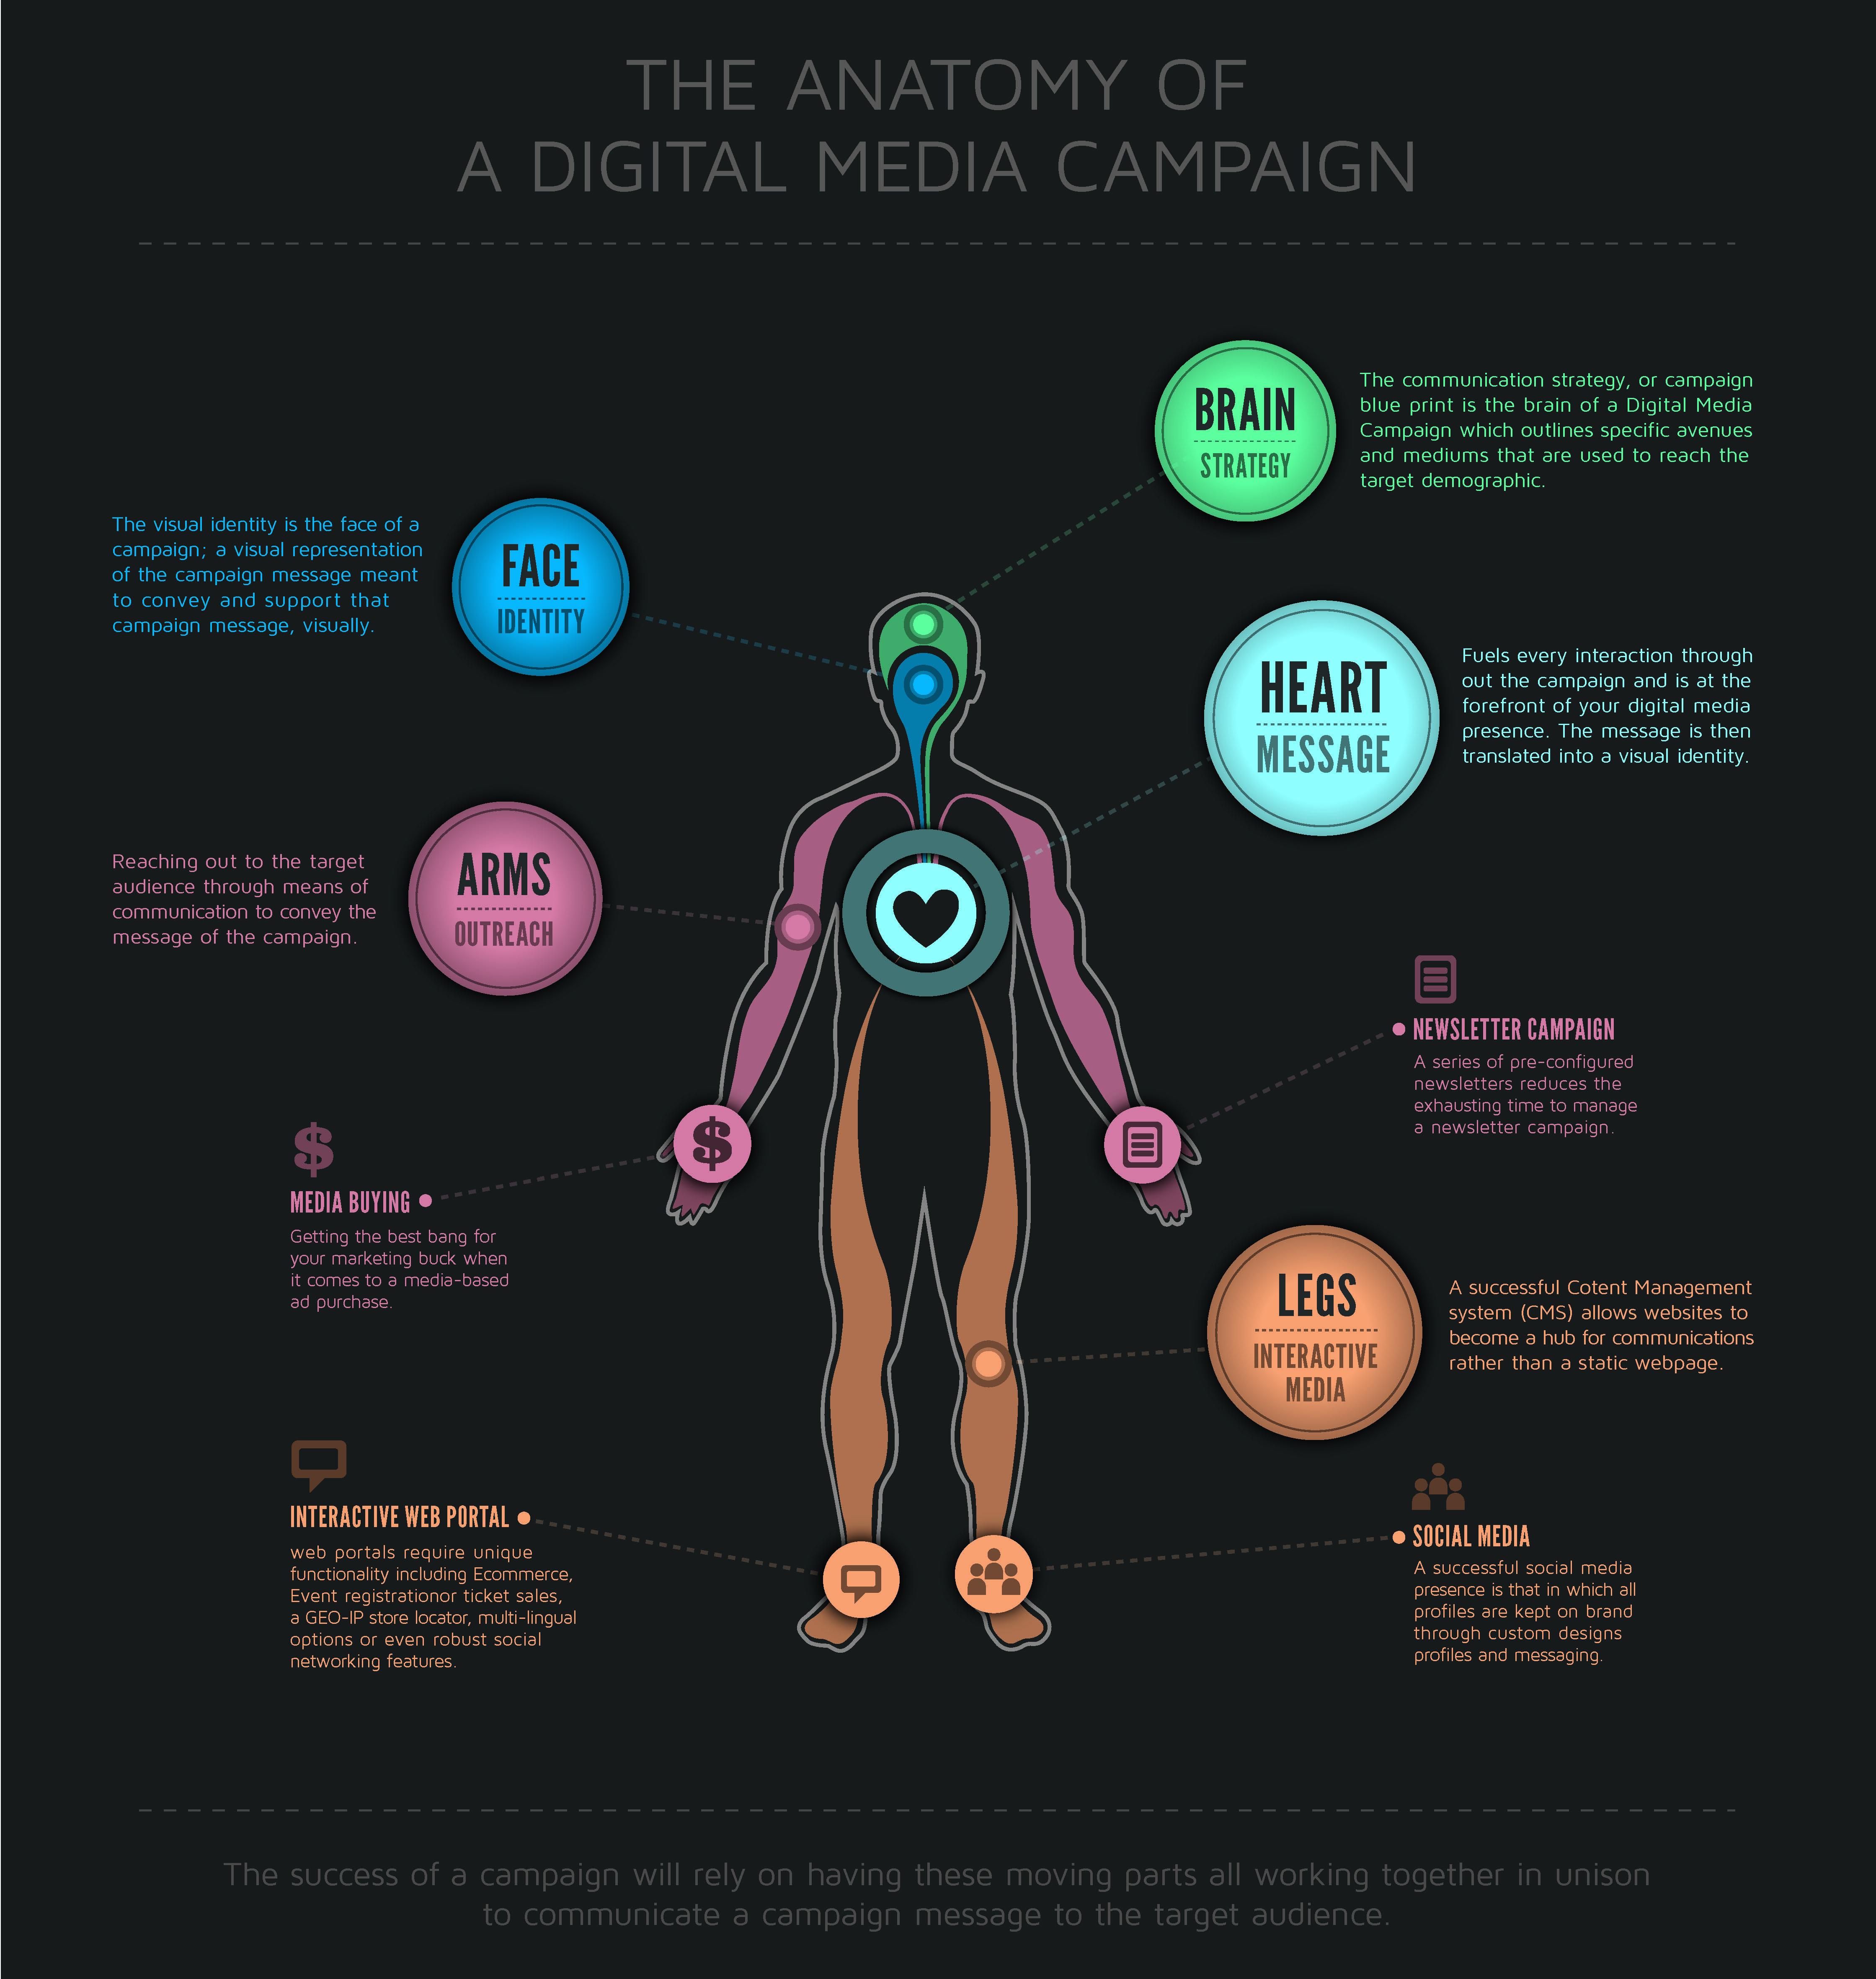 anatomy-of-a-digital-media-campaign_50a1c10442ecb